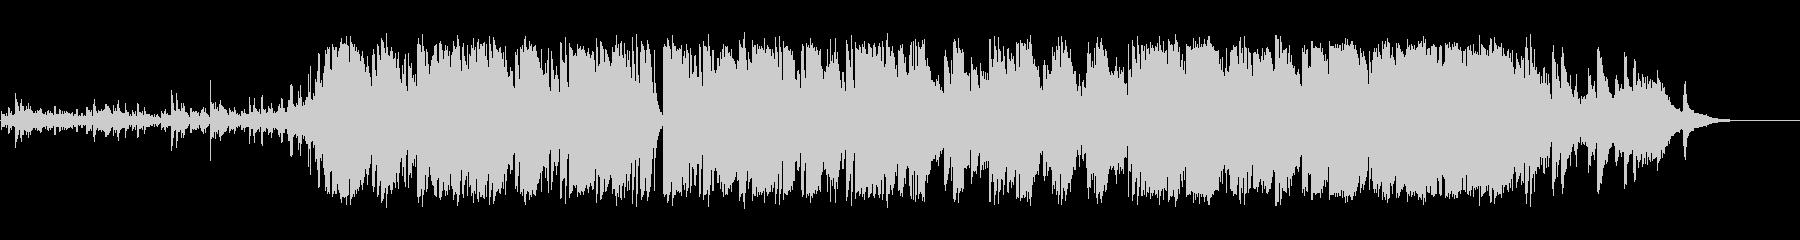 ミステリアス|ダークでかっこいいBGMの未再生の波形